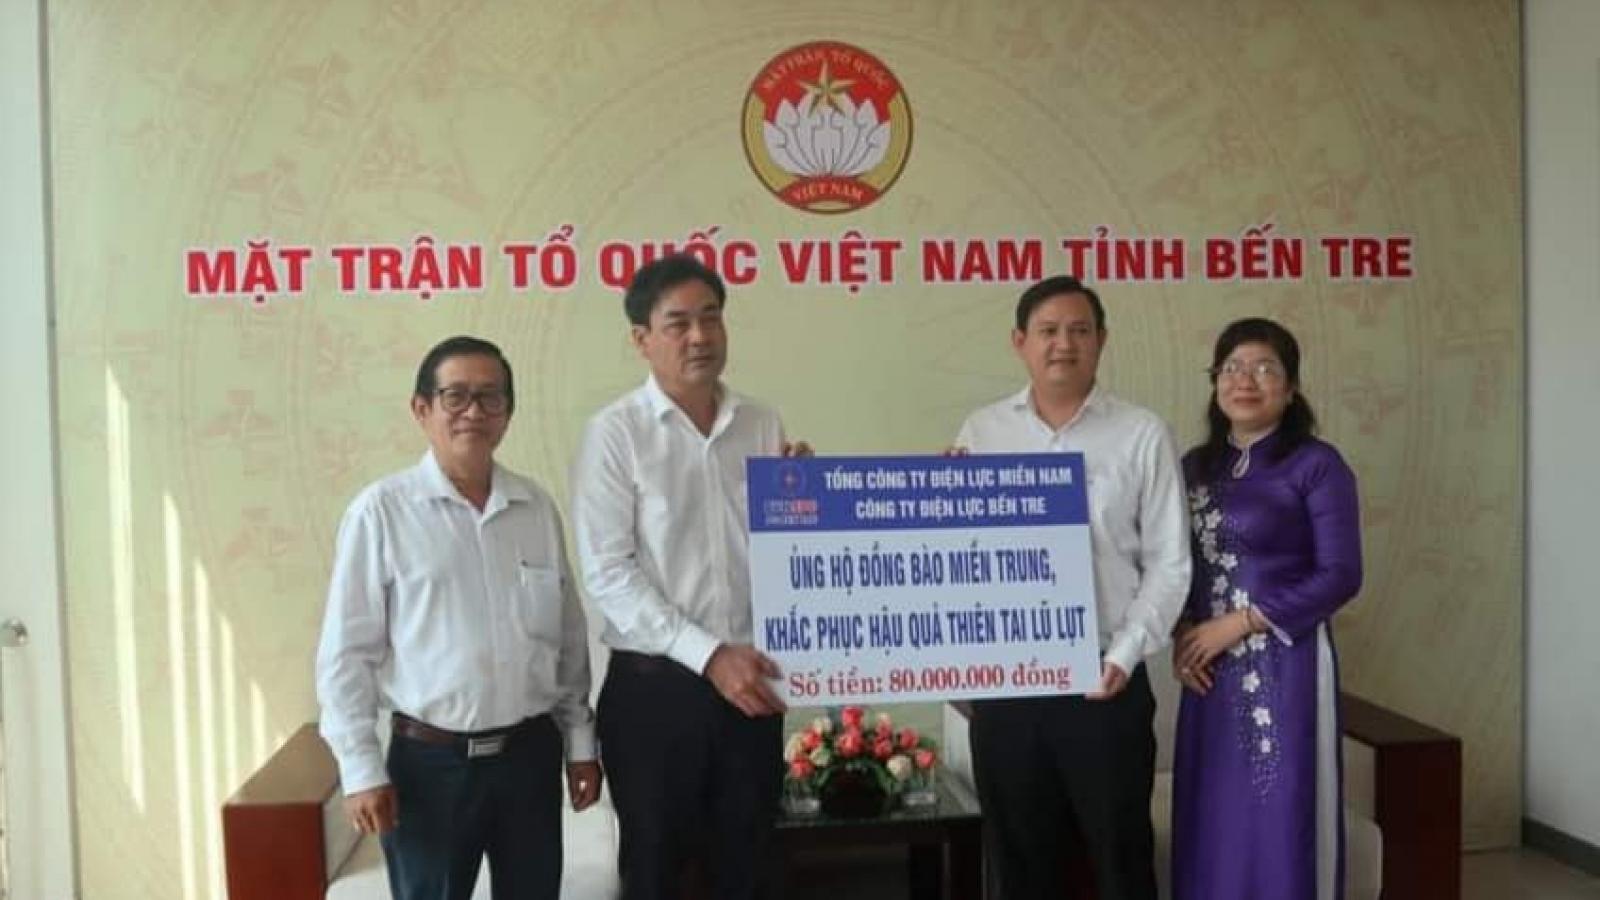 Tiền Giang, Bến Tre hỗ trợ miền Trung khắc phục hậu quả thiên tai